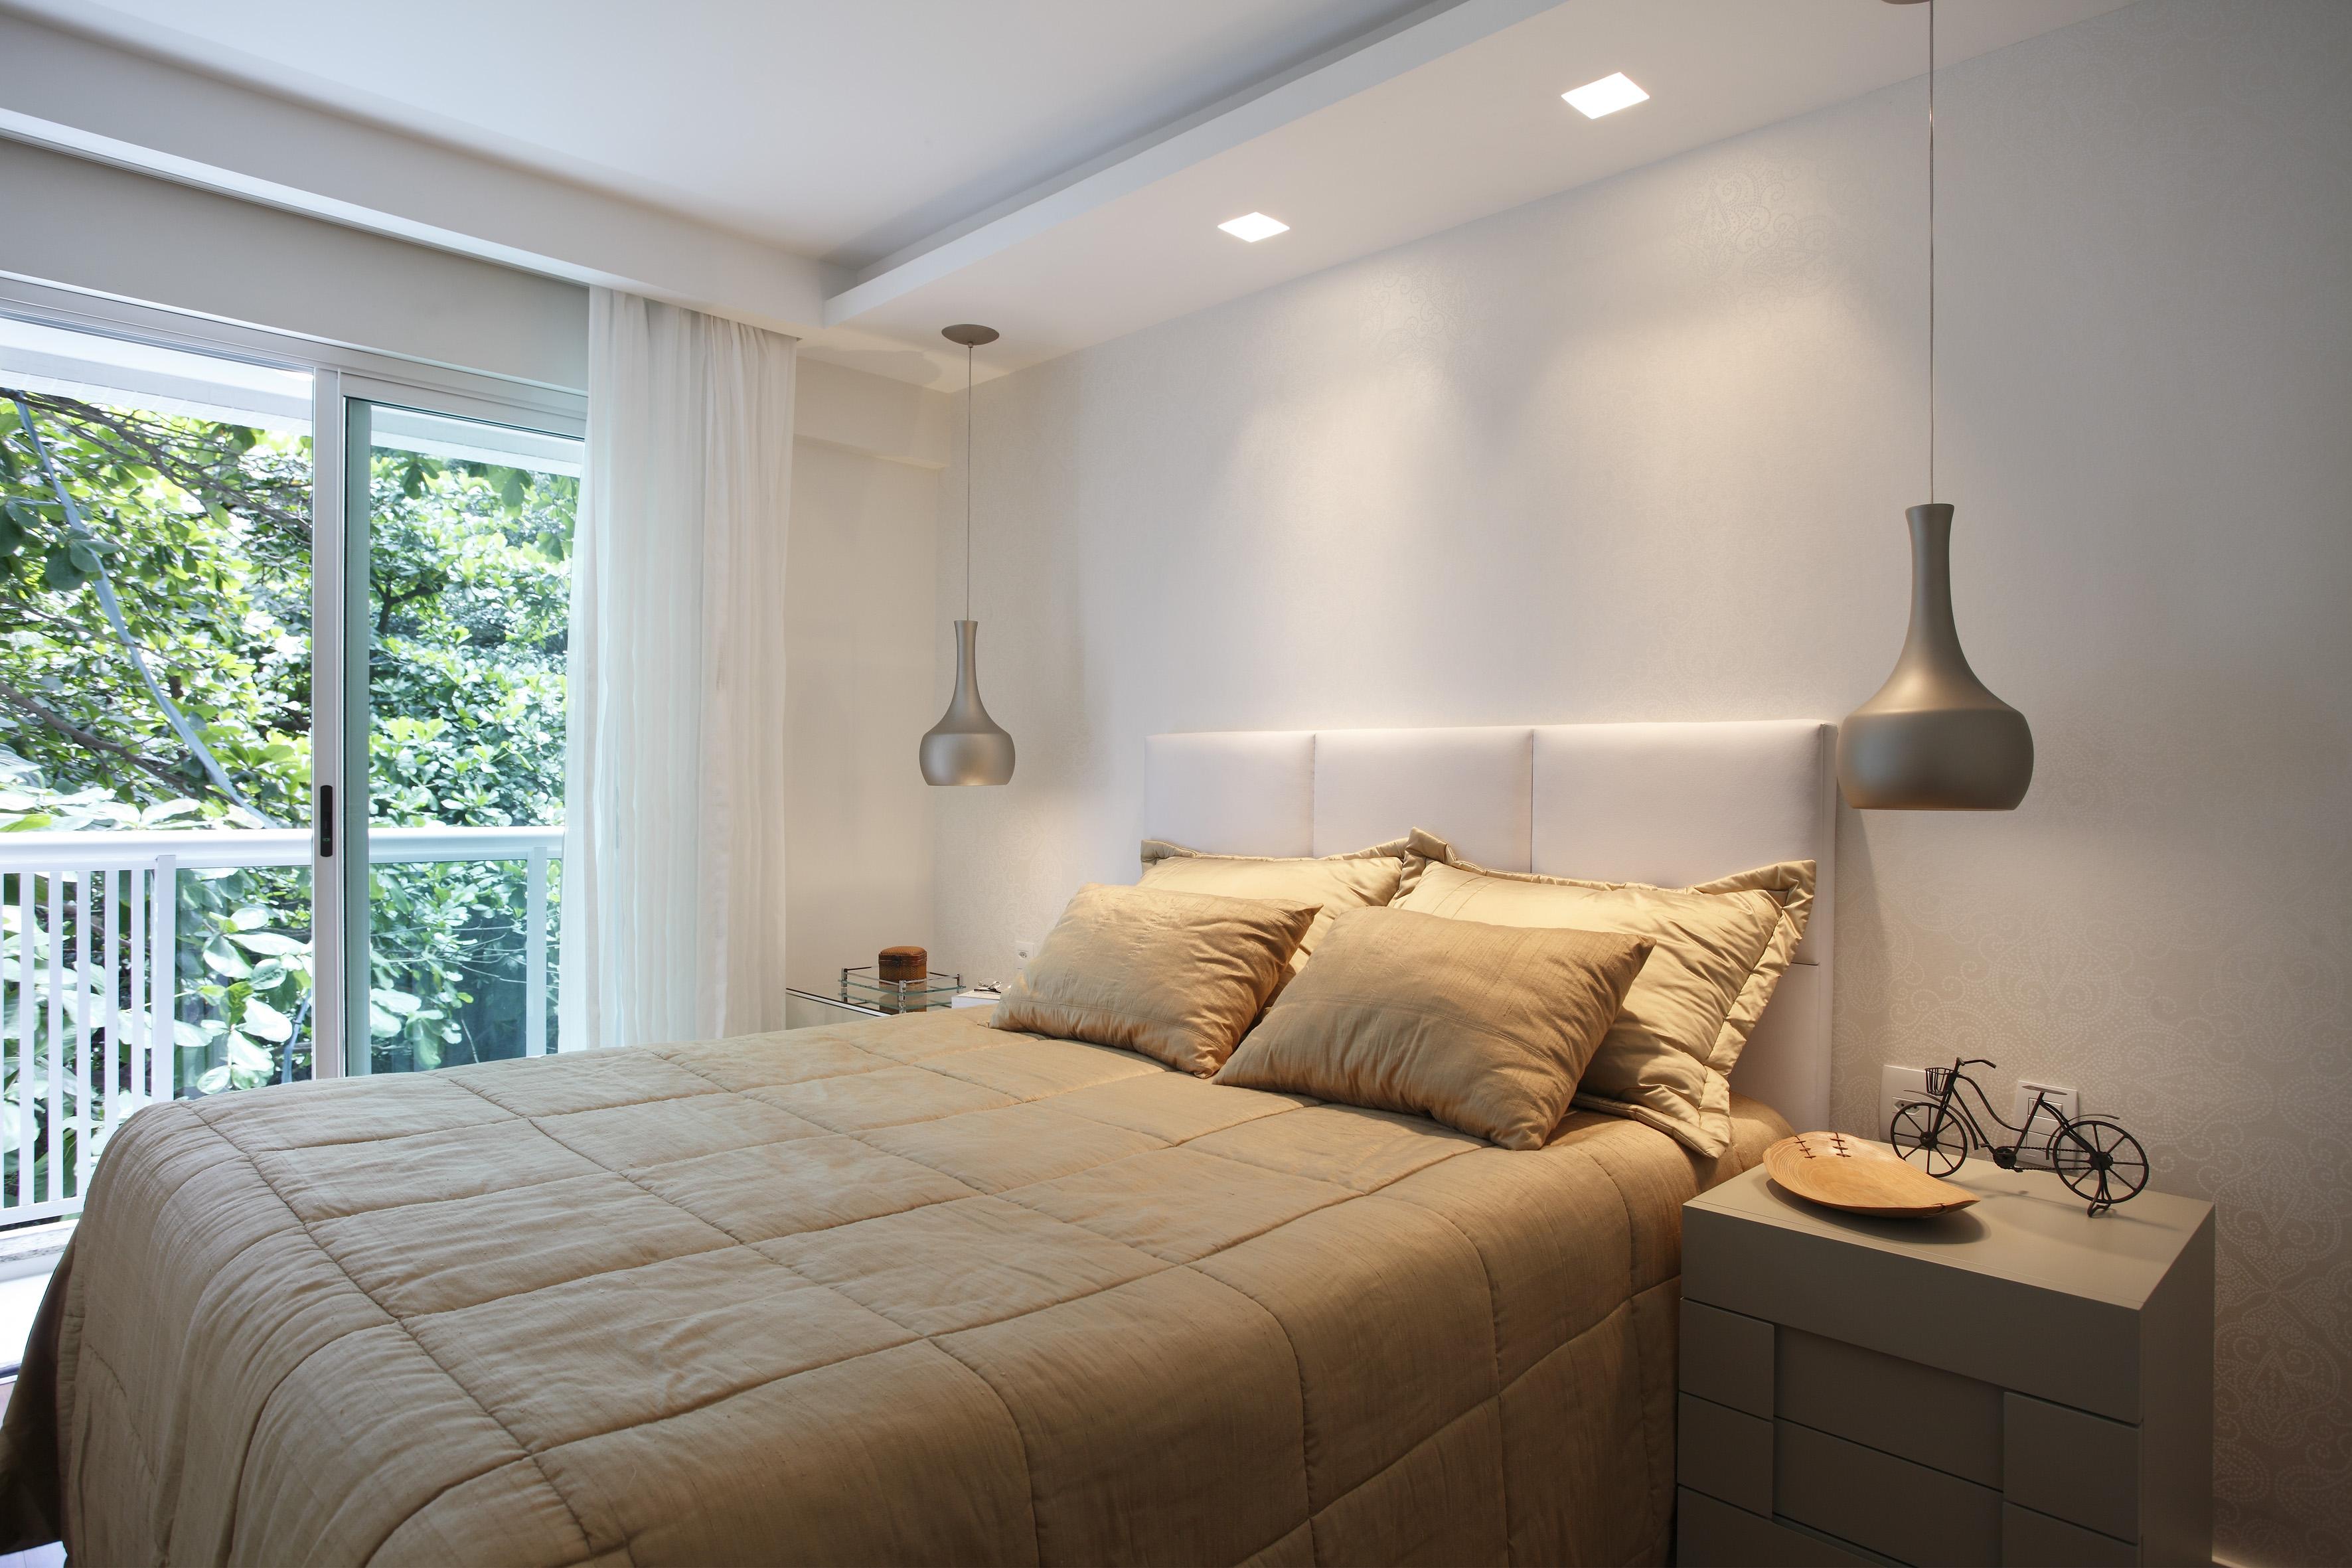 Arquitetura Residencial em Quartos de Casal